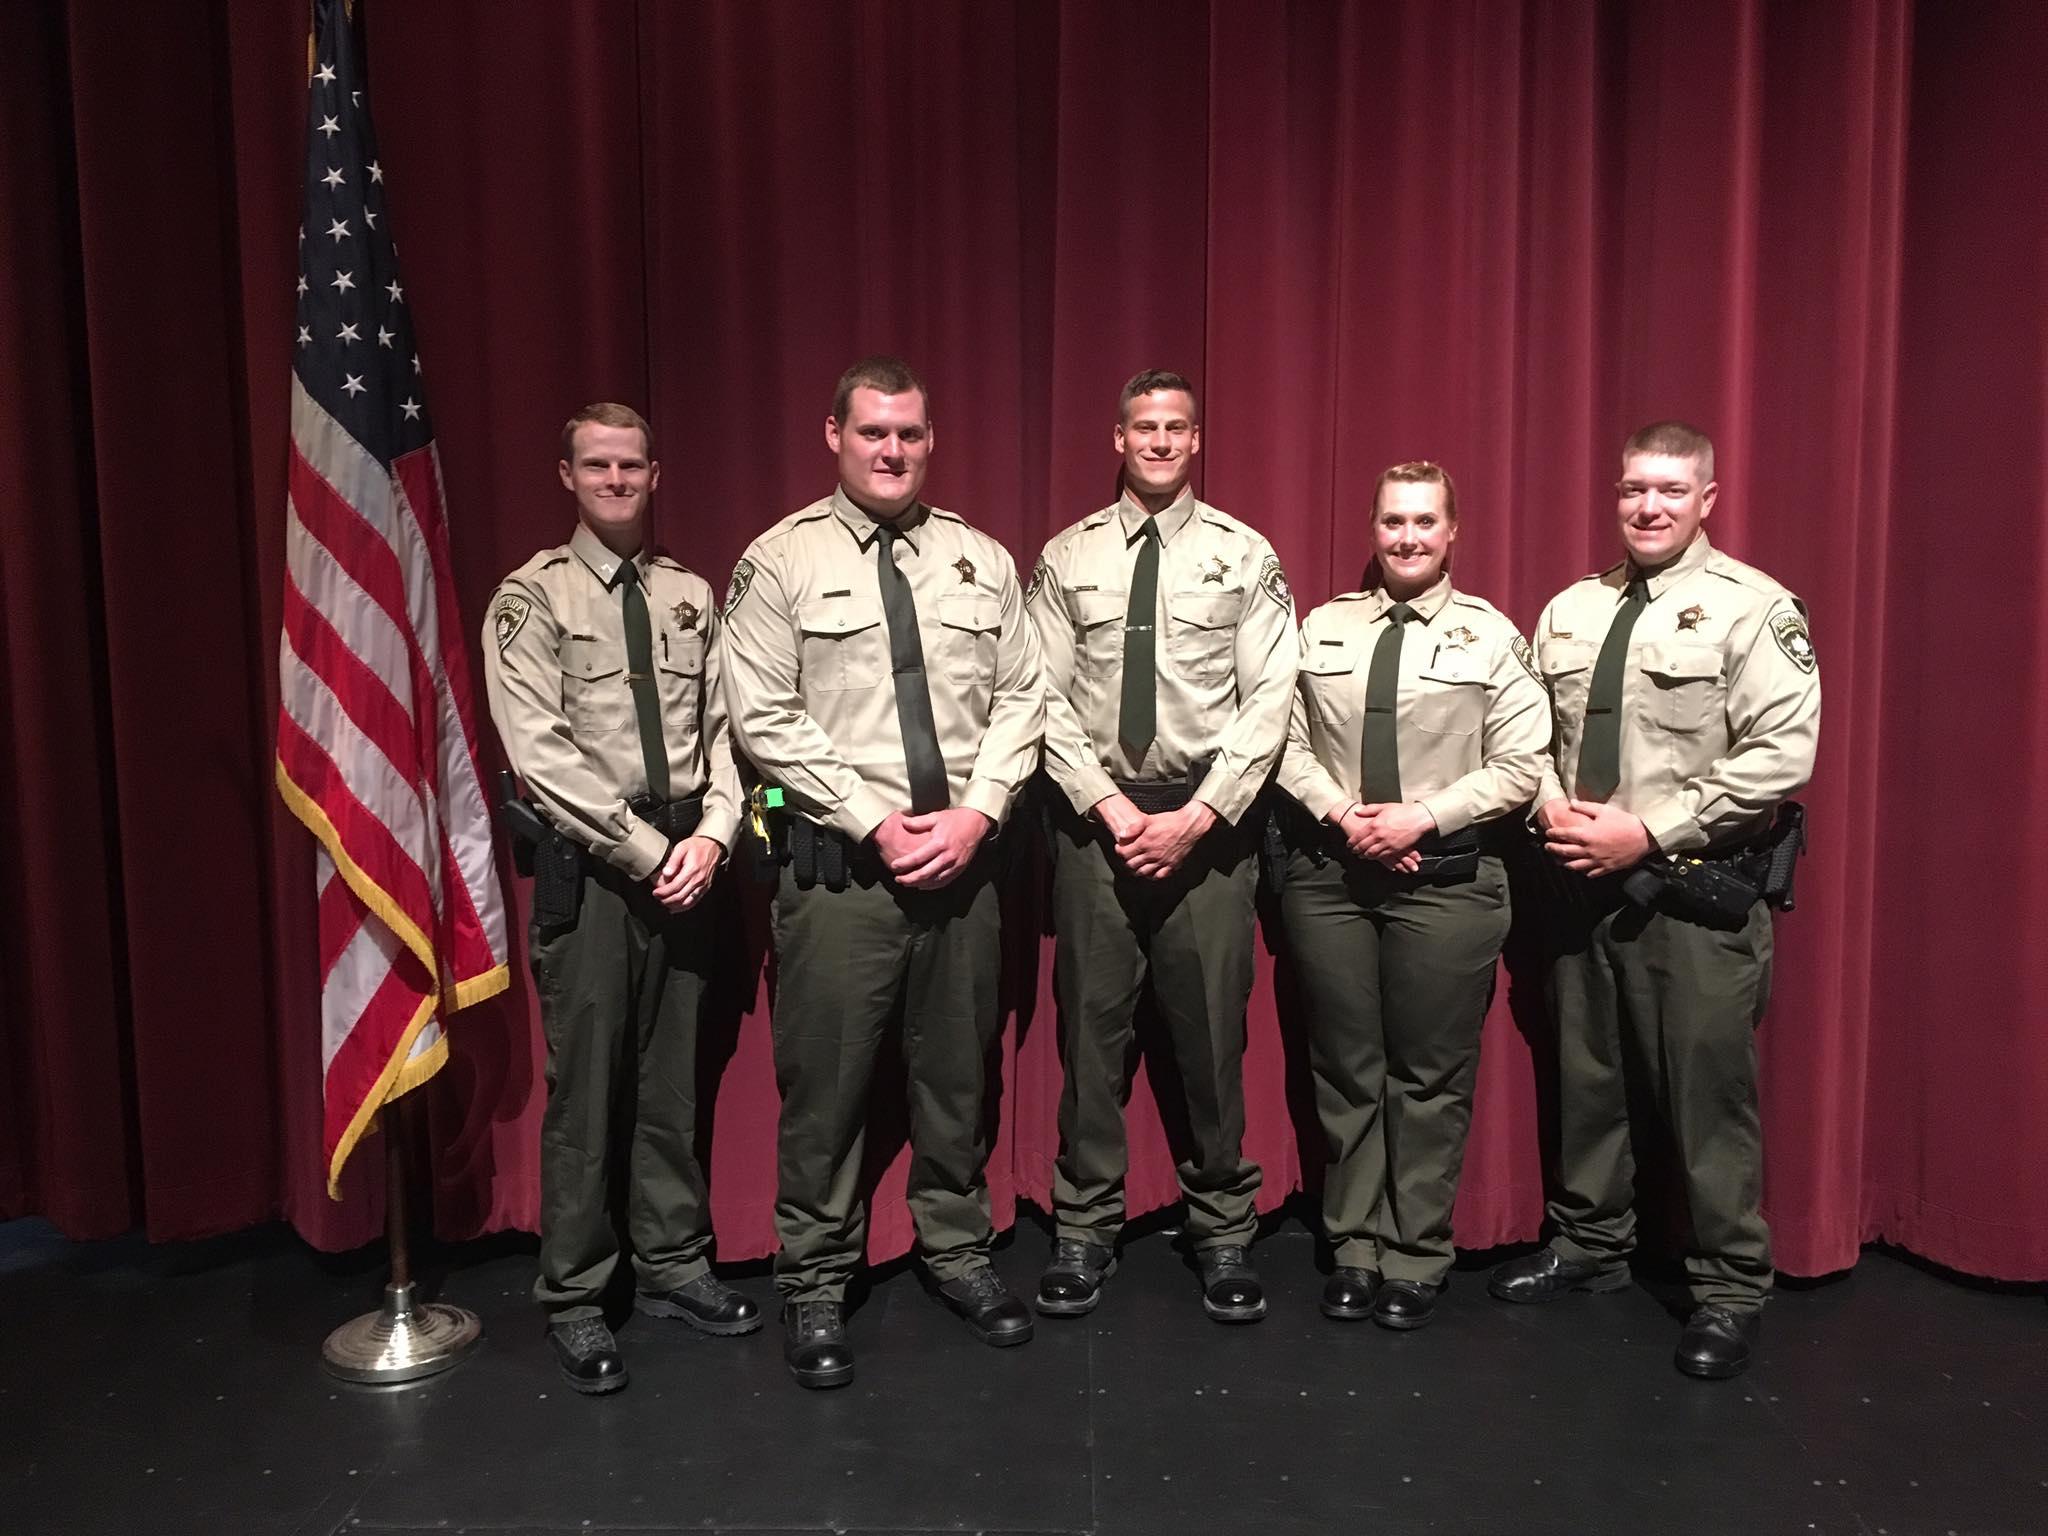 DFC Byron Steffen Flickinger, DFC Mitch Smothers, DFC Justin Bocchino, DFC Leigh Anne Brewer, Corporal Chris Smith